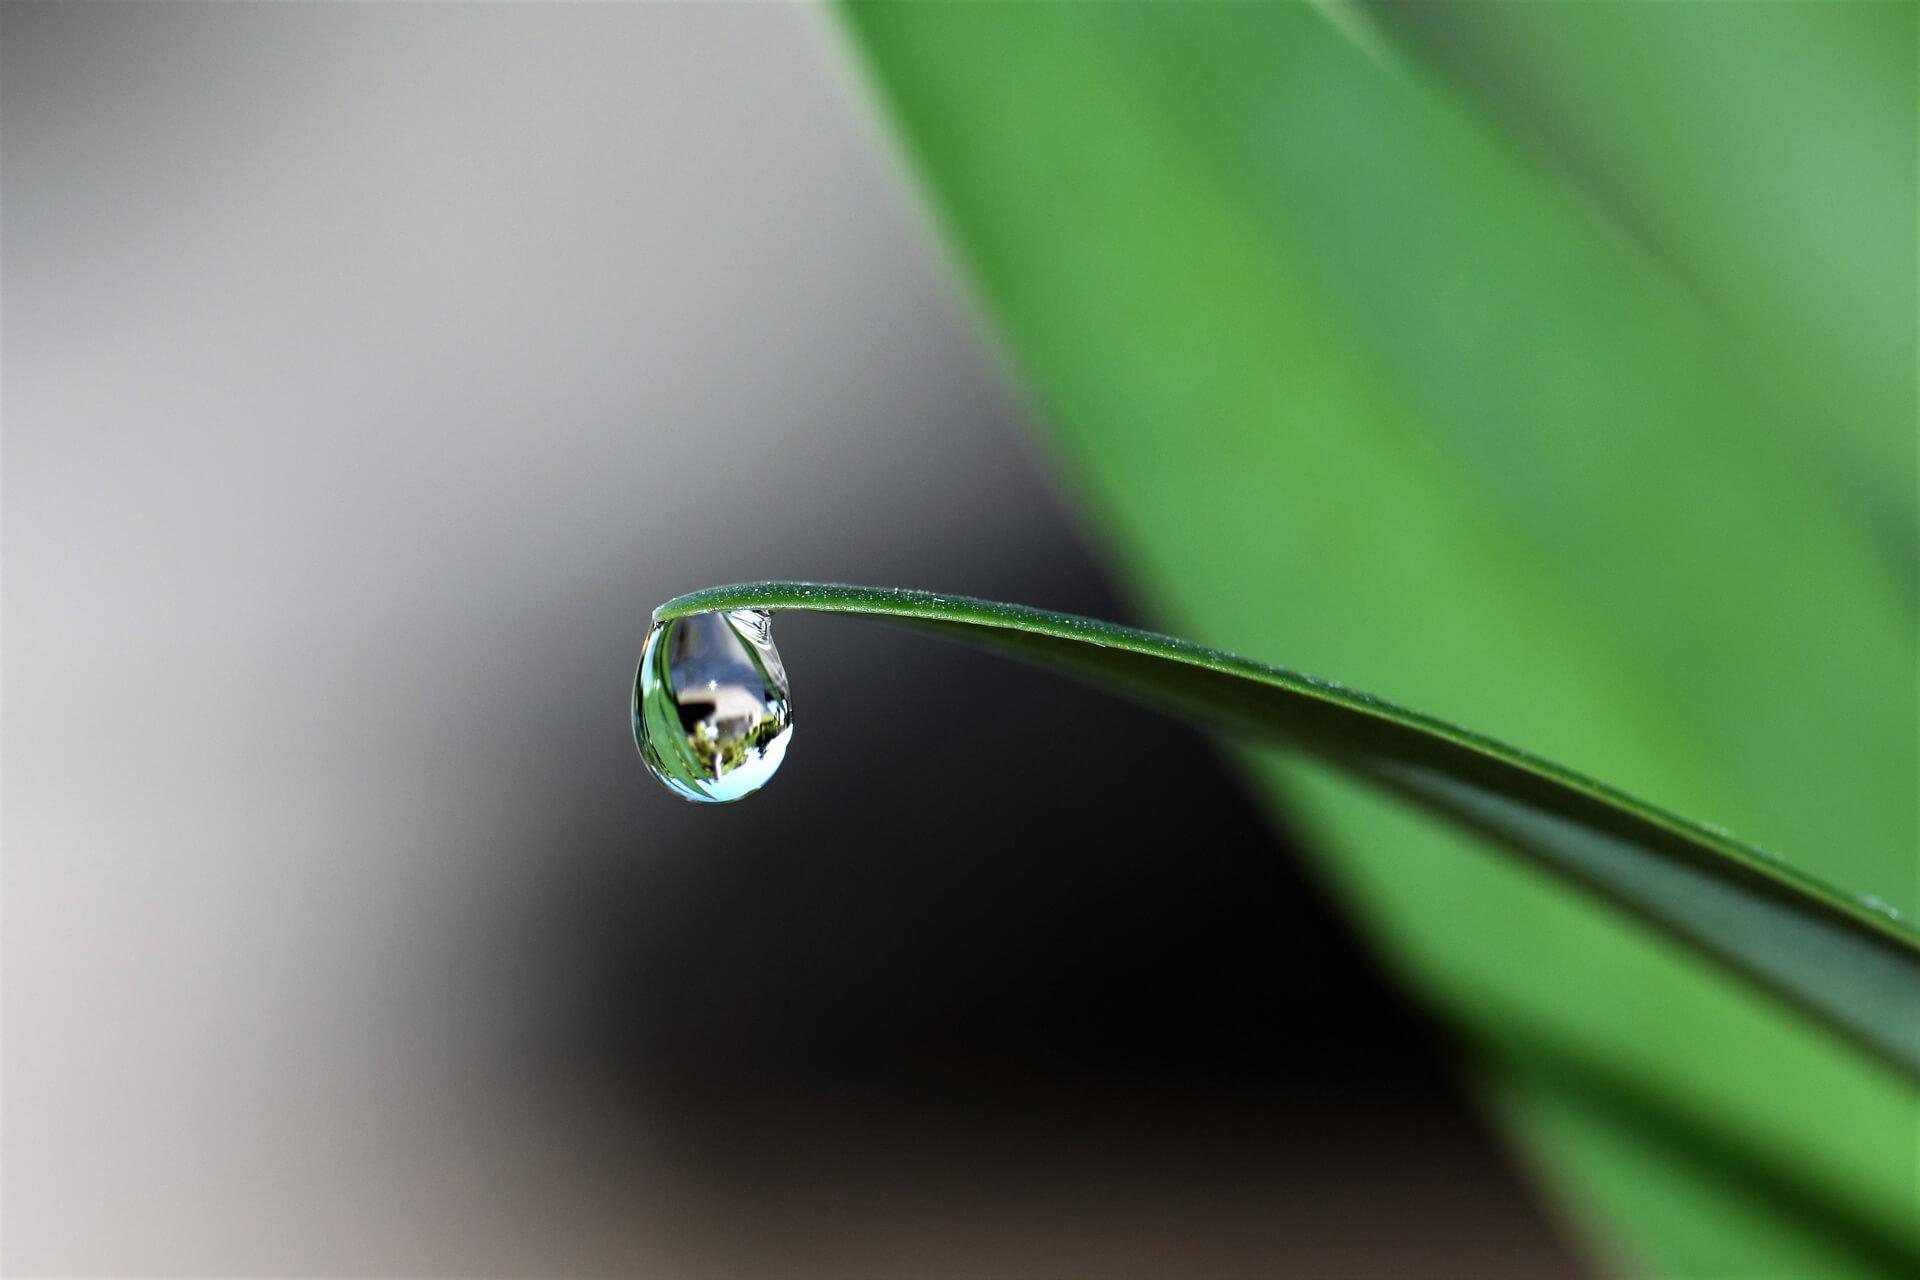 Giọt nước trên đọng trên lá